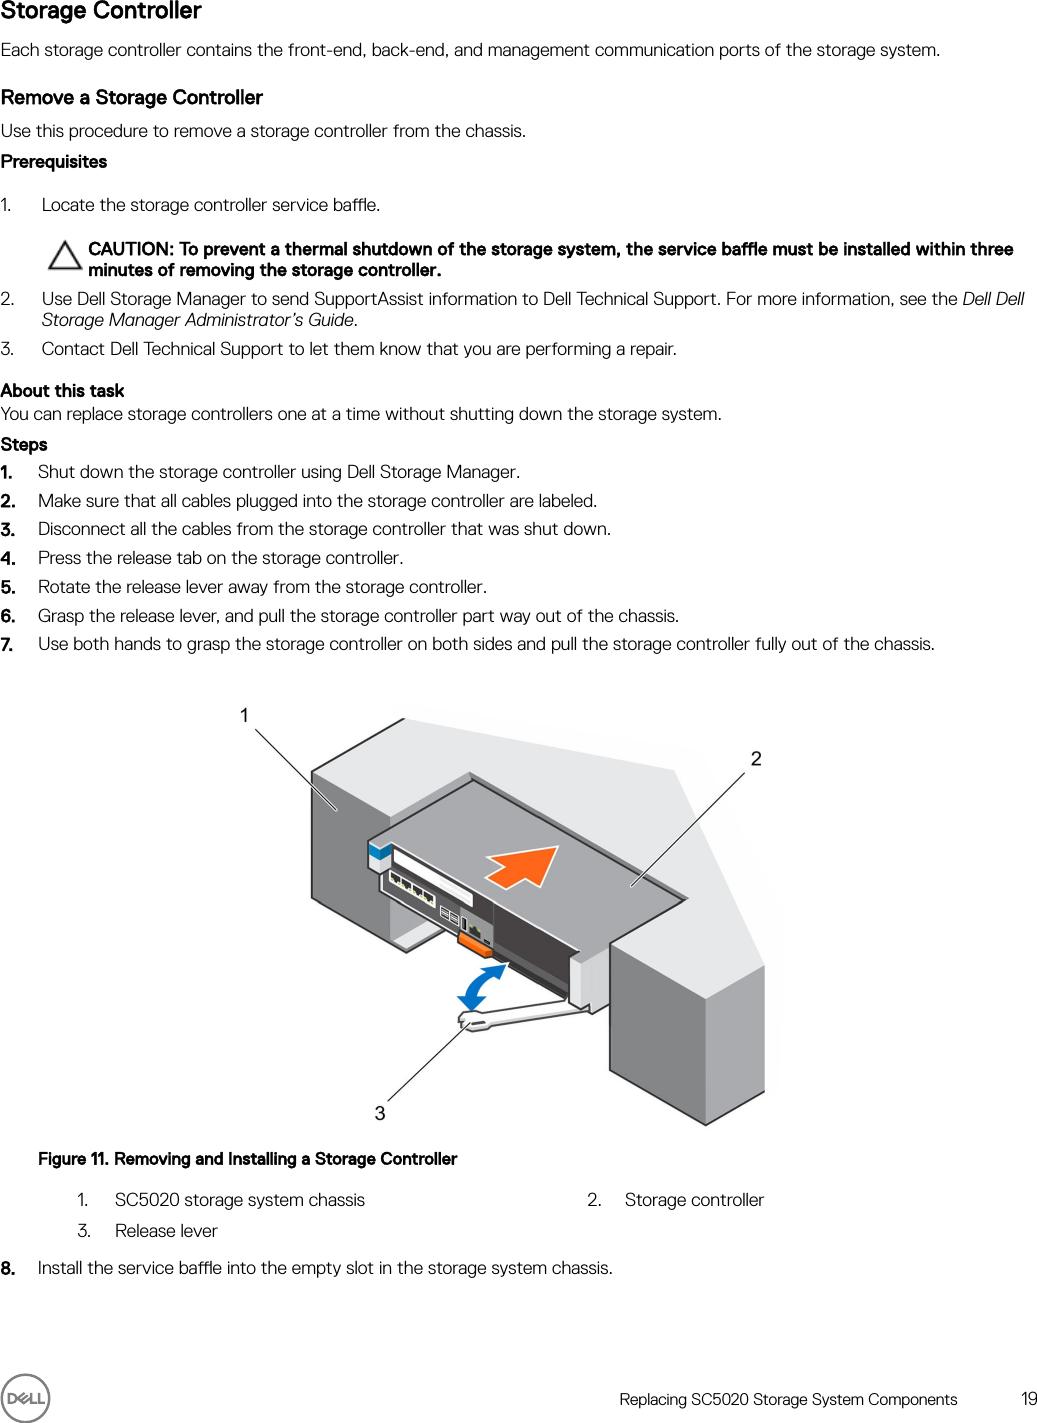 Dell Storage sc5020 System Owner's Manual User Owner's En us